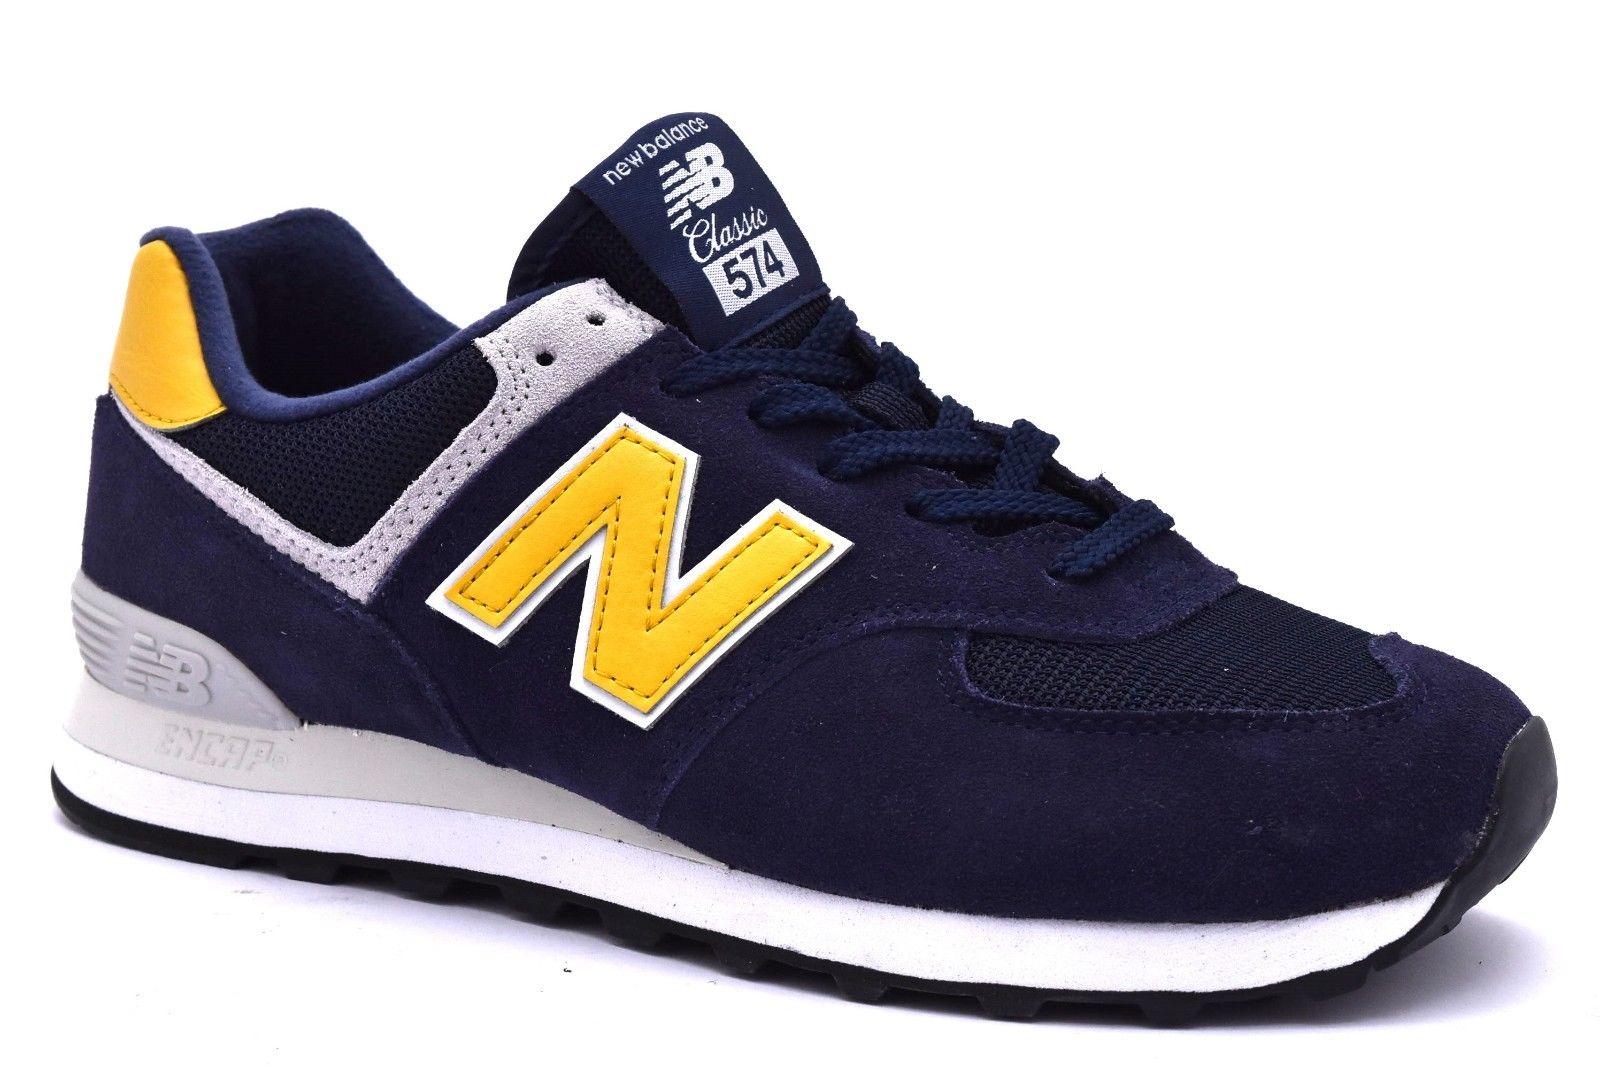 new balance 574 uomo gialle e blu